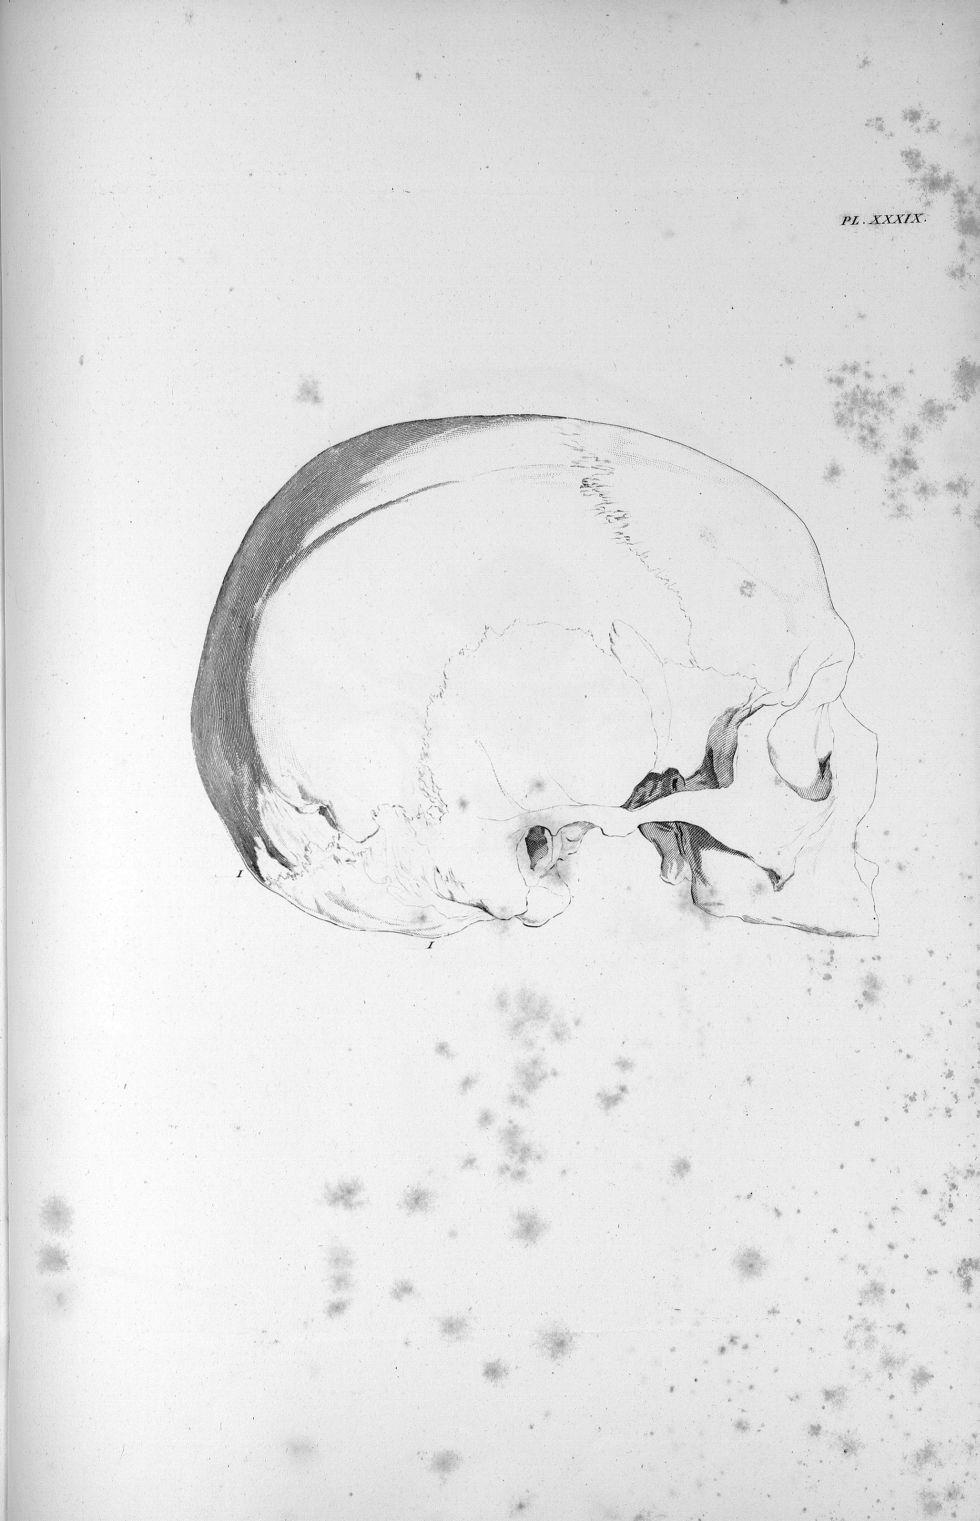 Pl. XXXIX. Crâne d'un homme adulte avec un développement extraordinaire du cervelet - Anatomie et ph [...] - Anatomie. Neurologie. Crânes. 19e siècle (France) - med00575x02x0373